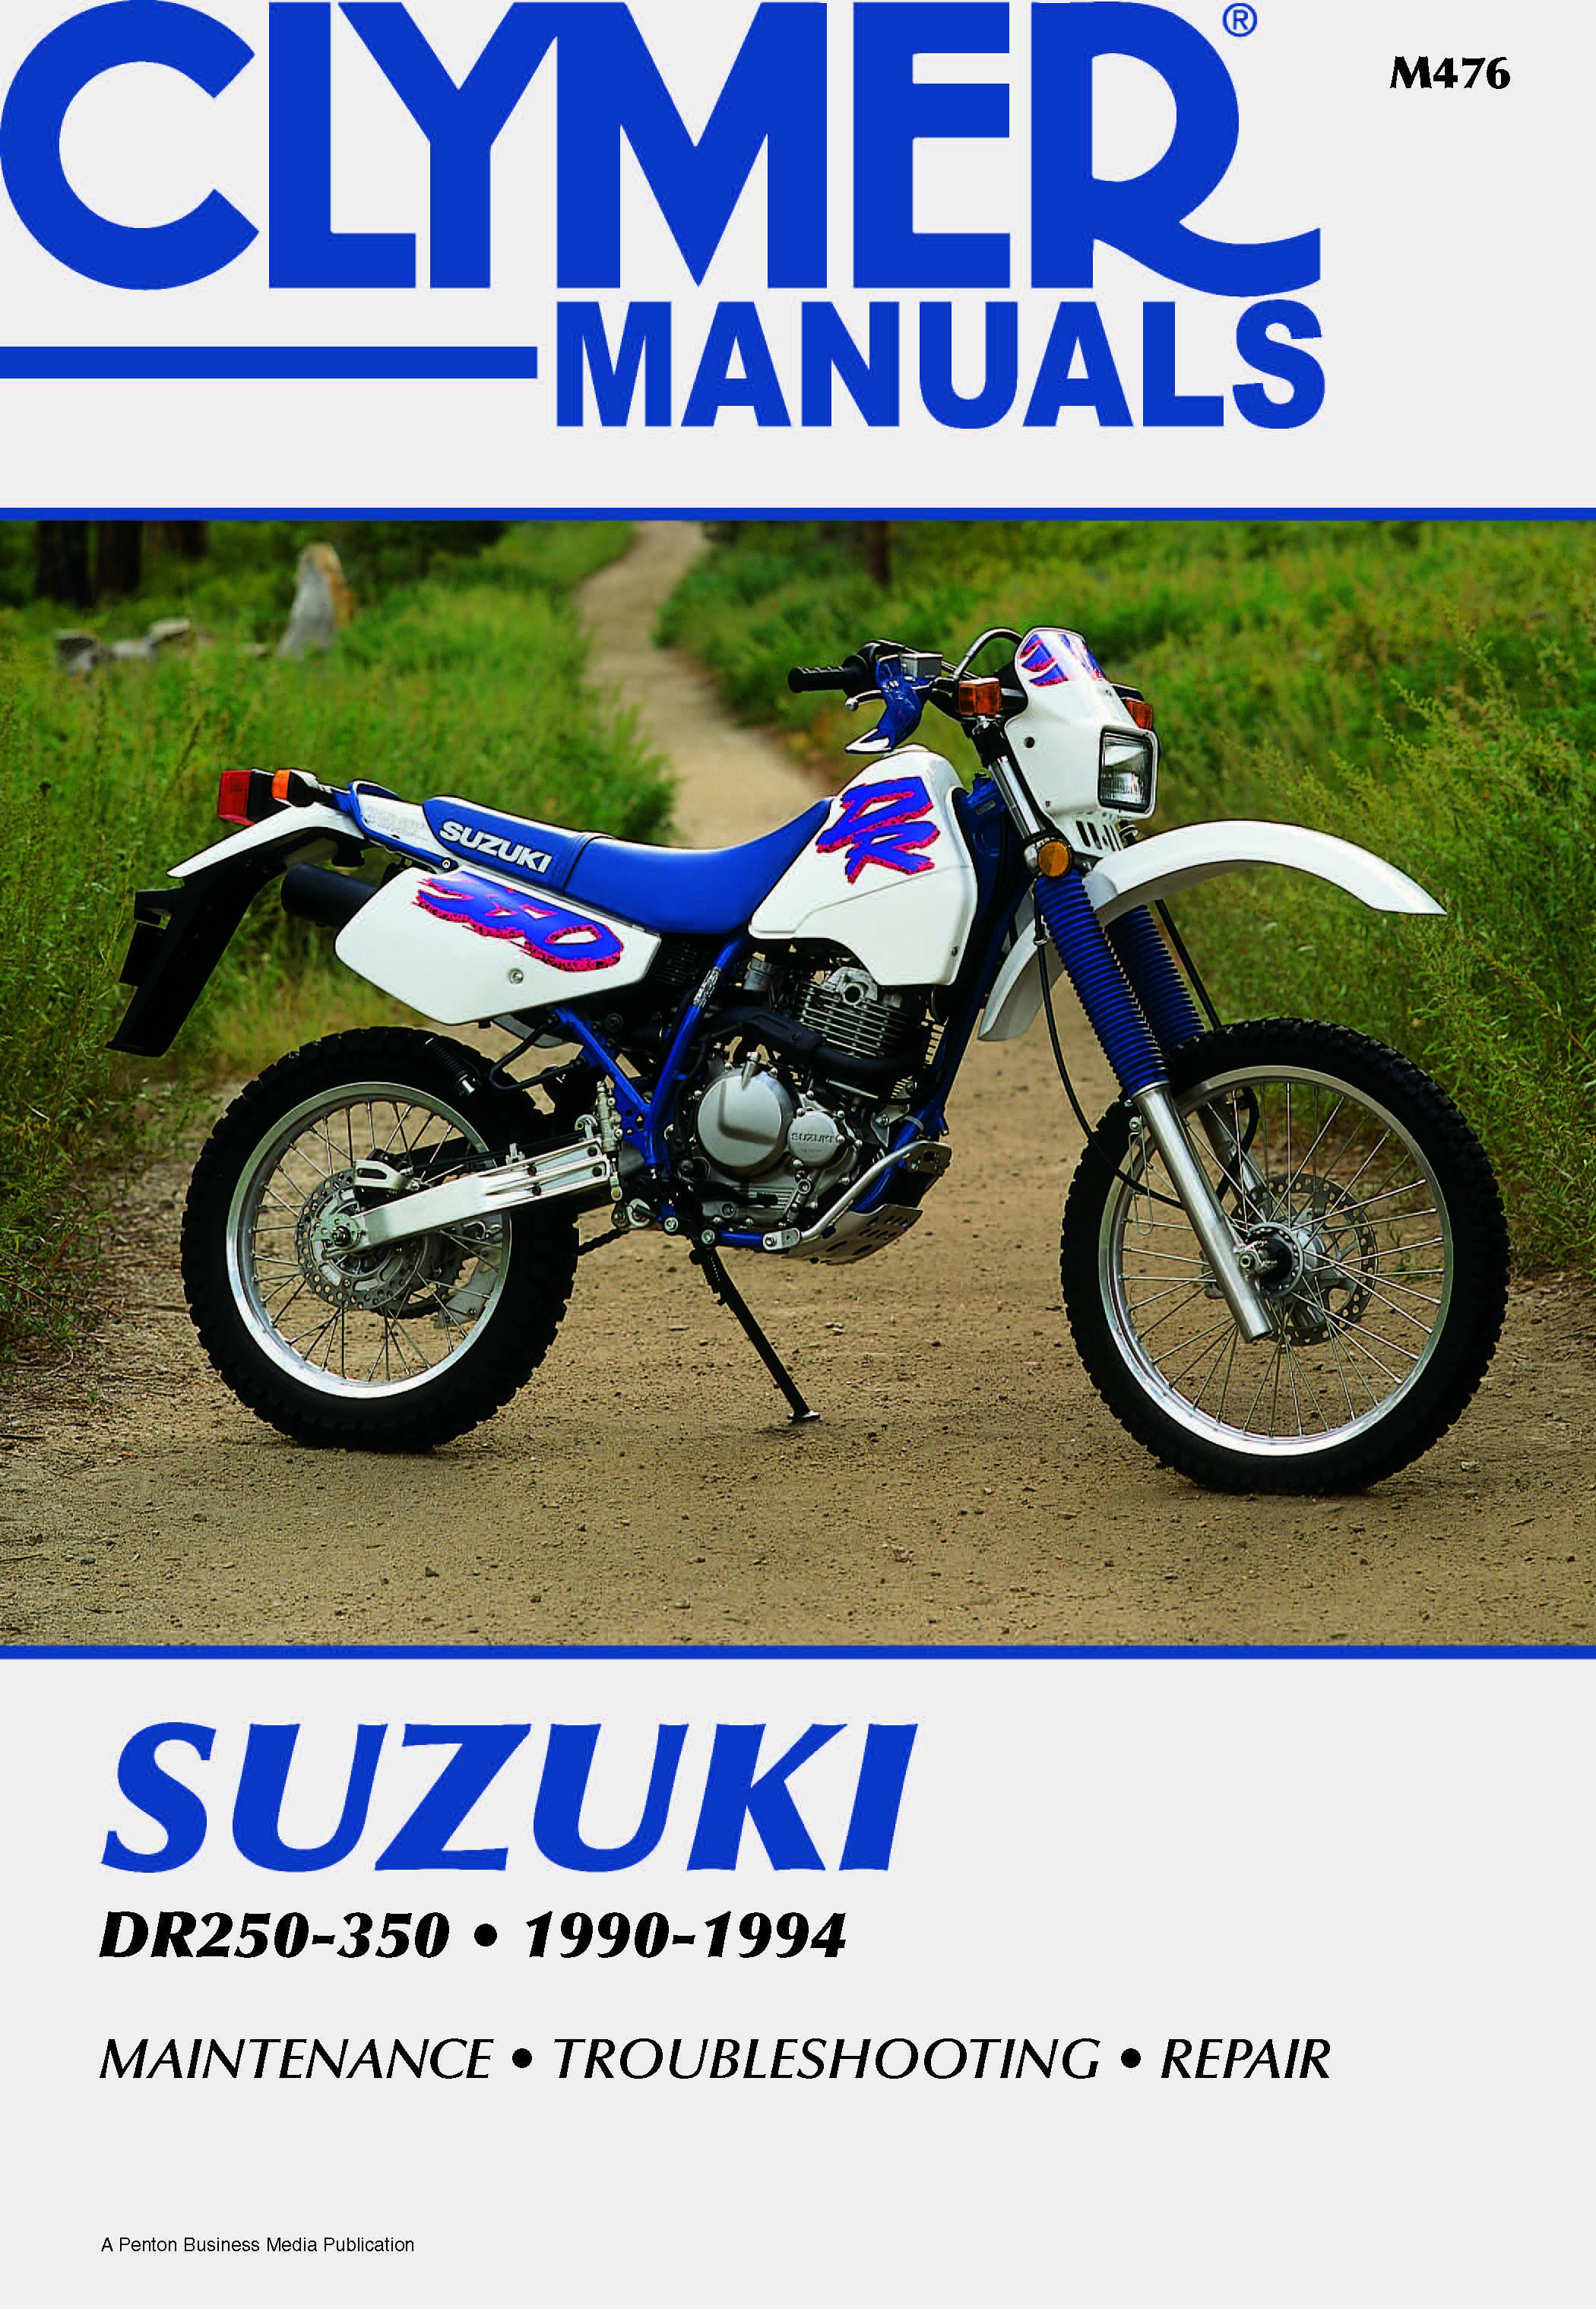 La moto non tiene il minimo 641